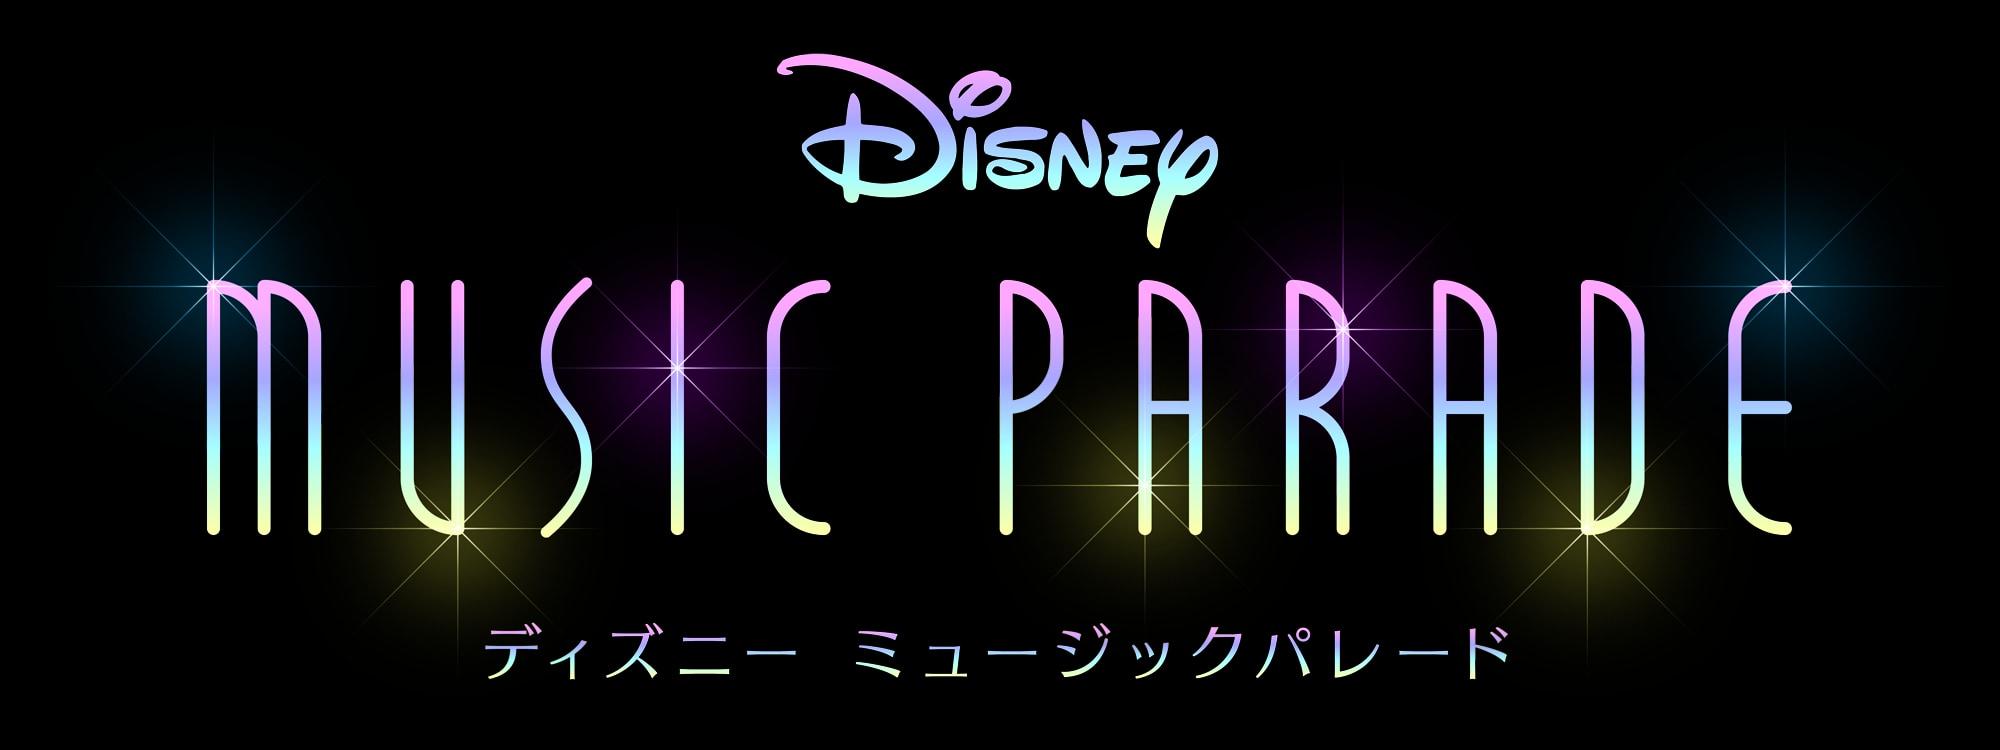 「ディズニー ミュージックパレード」